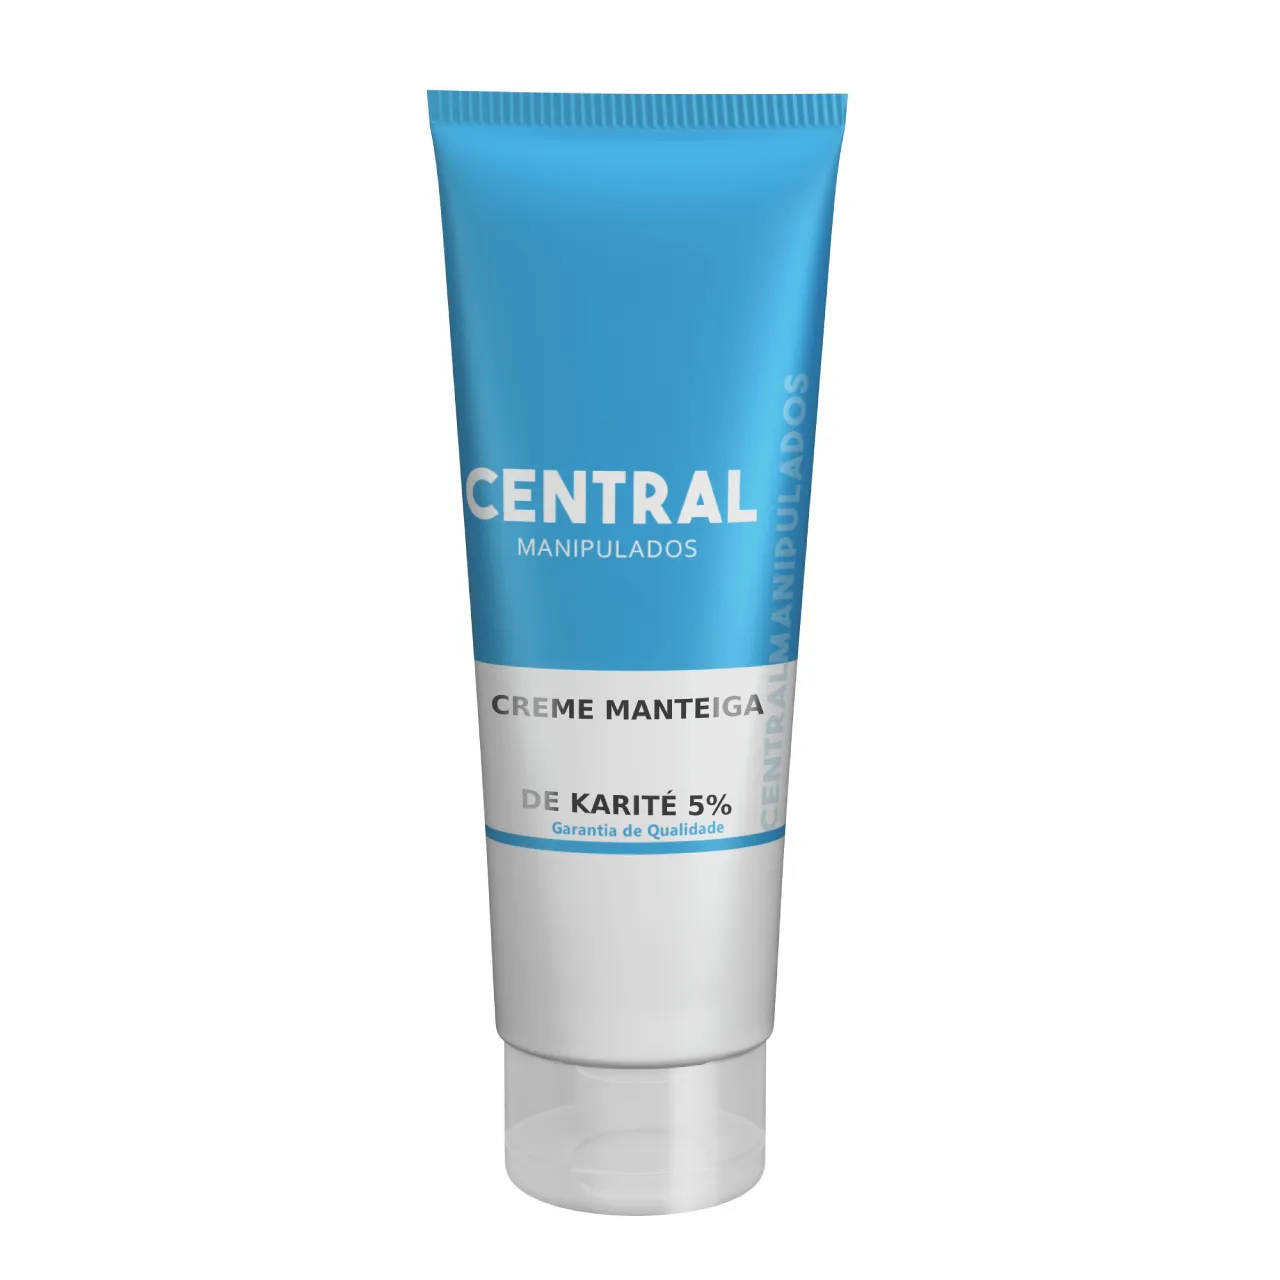 Manteiga de Karité 5% Creme 30g - Hidratante e Antioxidante, Ideal para peles secas e áreas como joelho e cotovelo